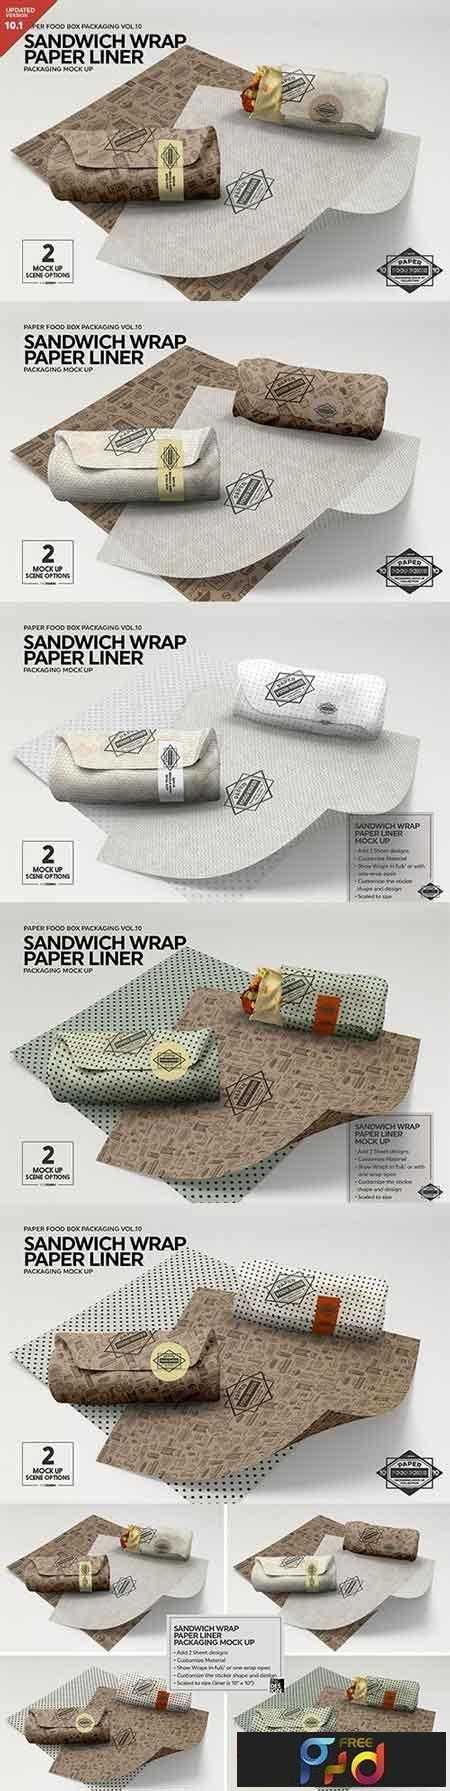 1808116 Wrap Sandwich Burrito Paper Liner Mockup 3448543 1